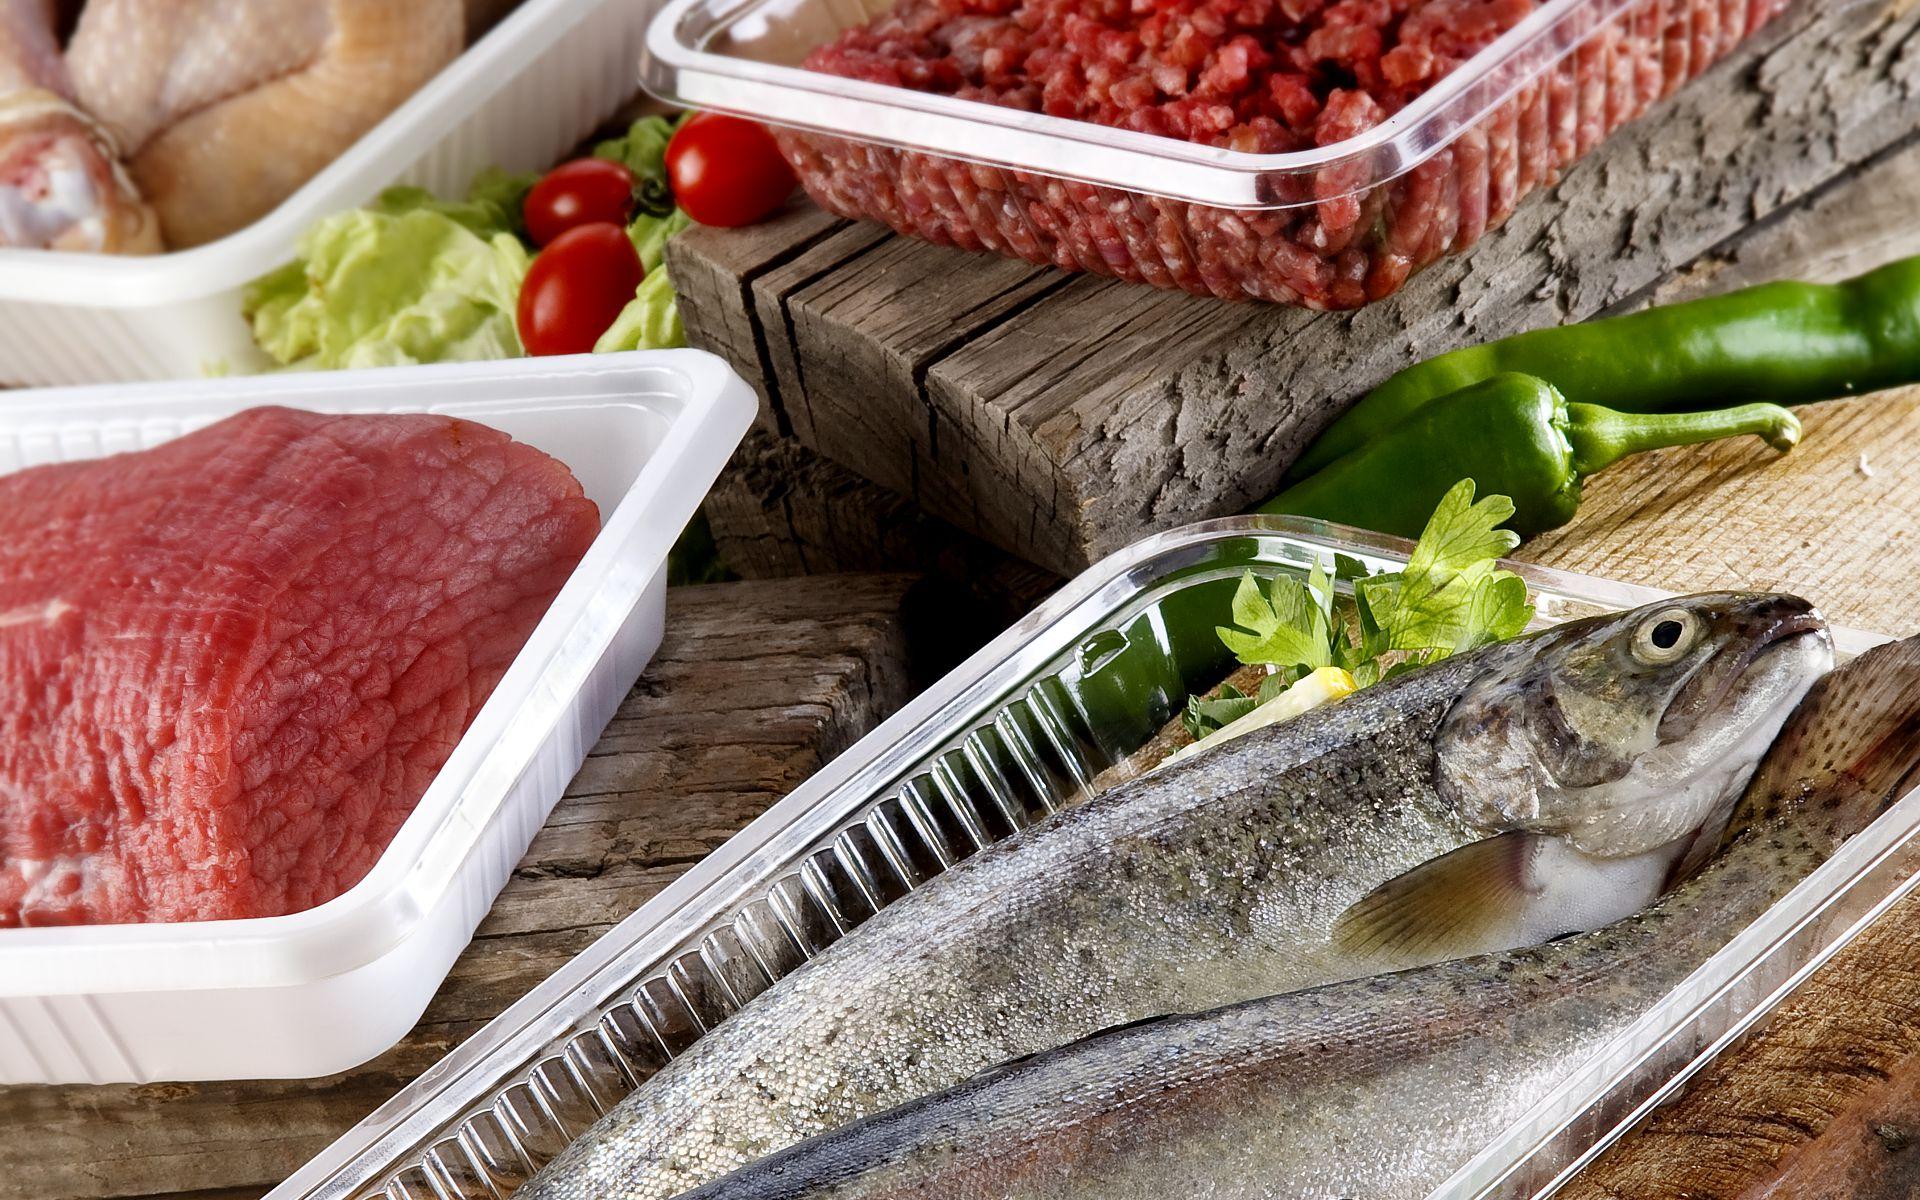 در مورد مدت زمان نگهداری سبزیجات و گوشت در فریزر بیشتر بدانید